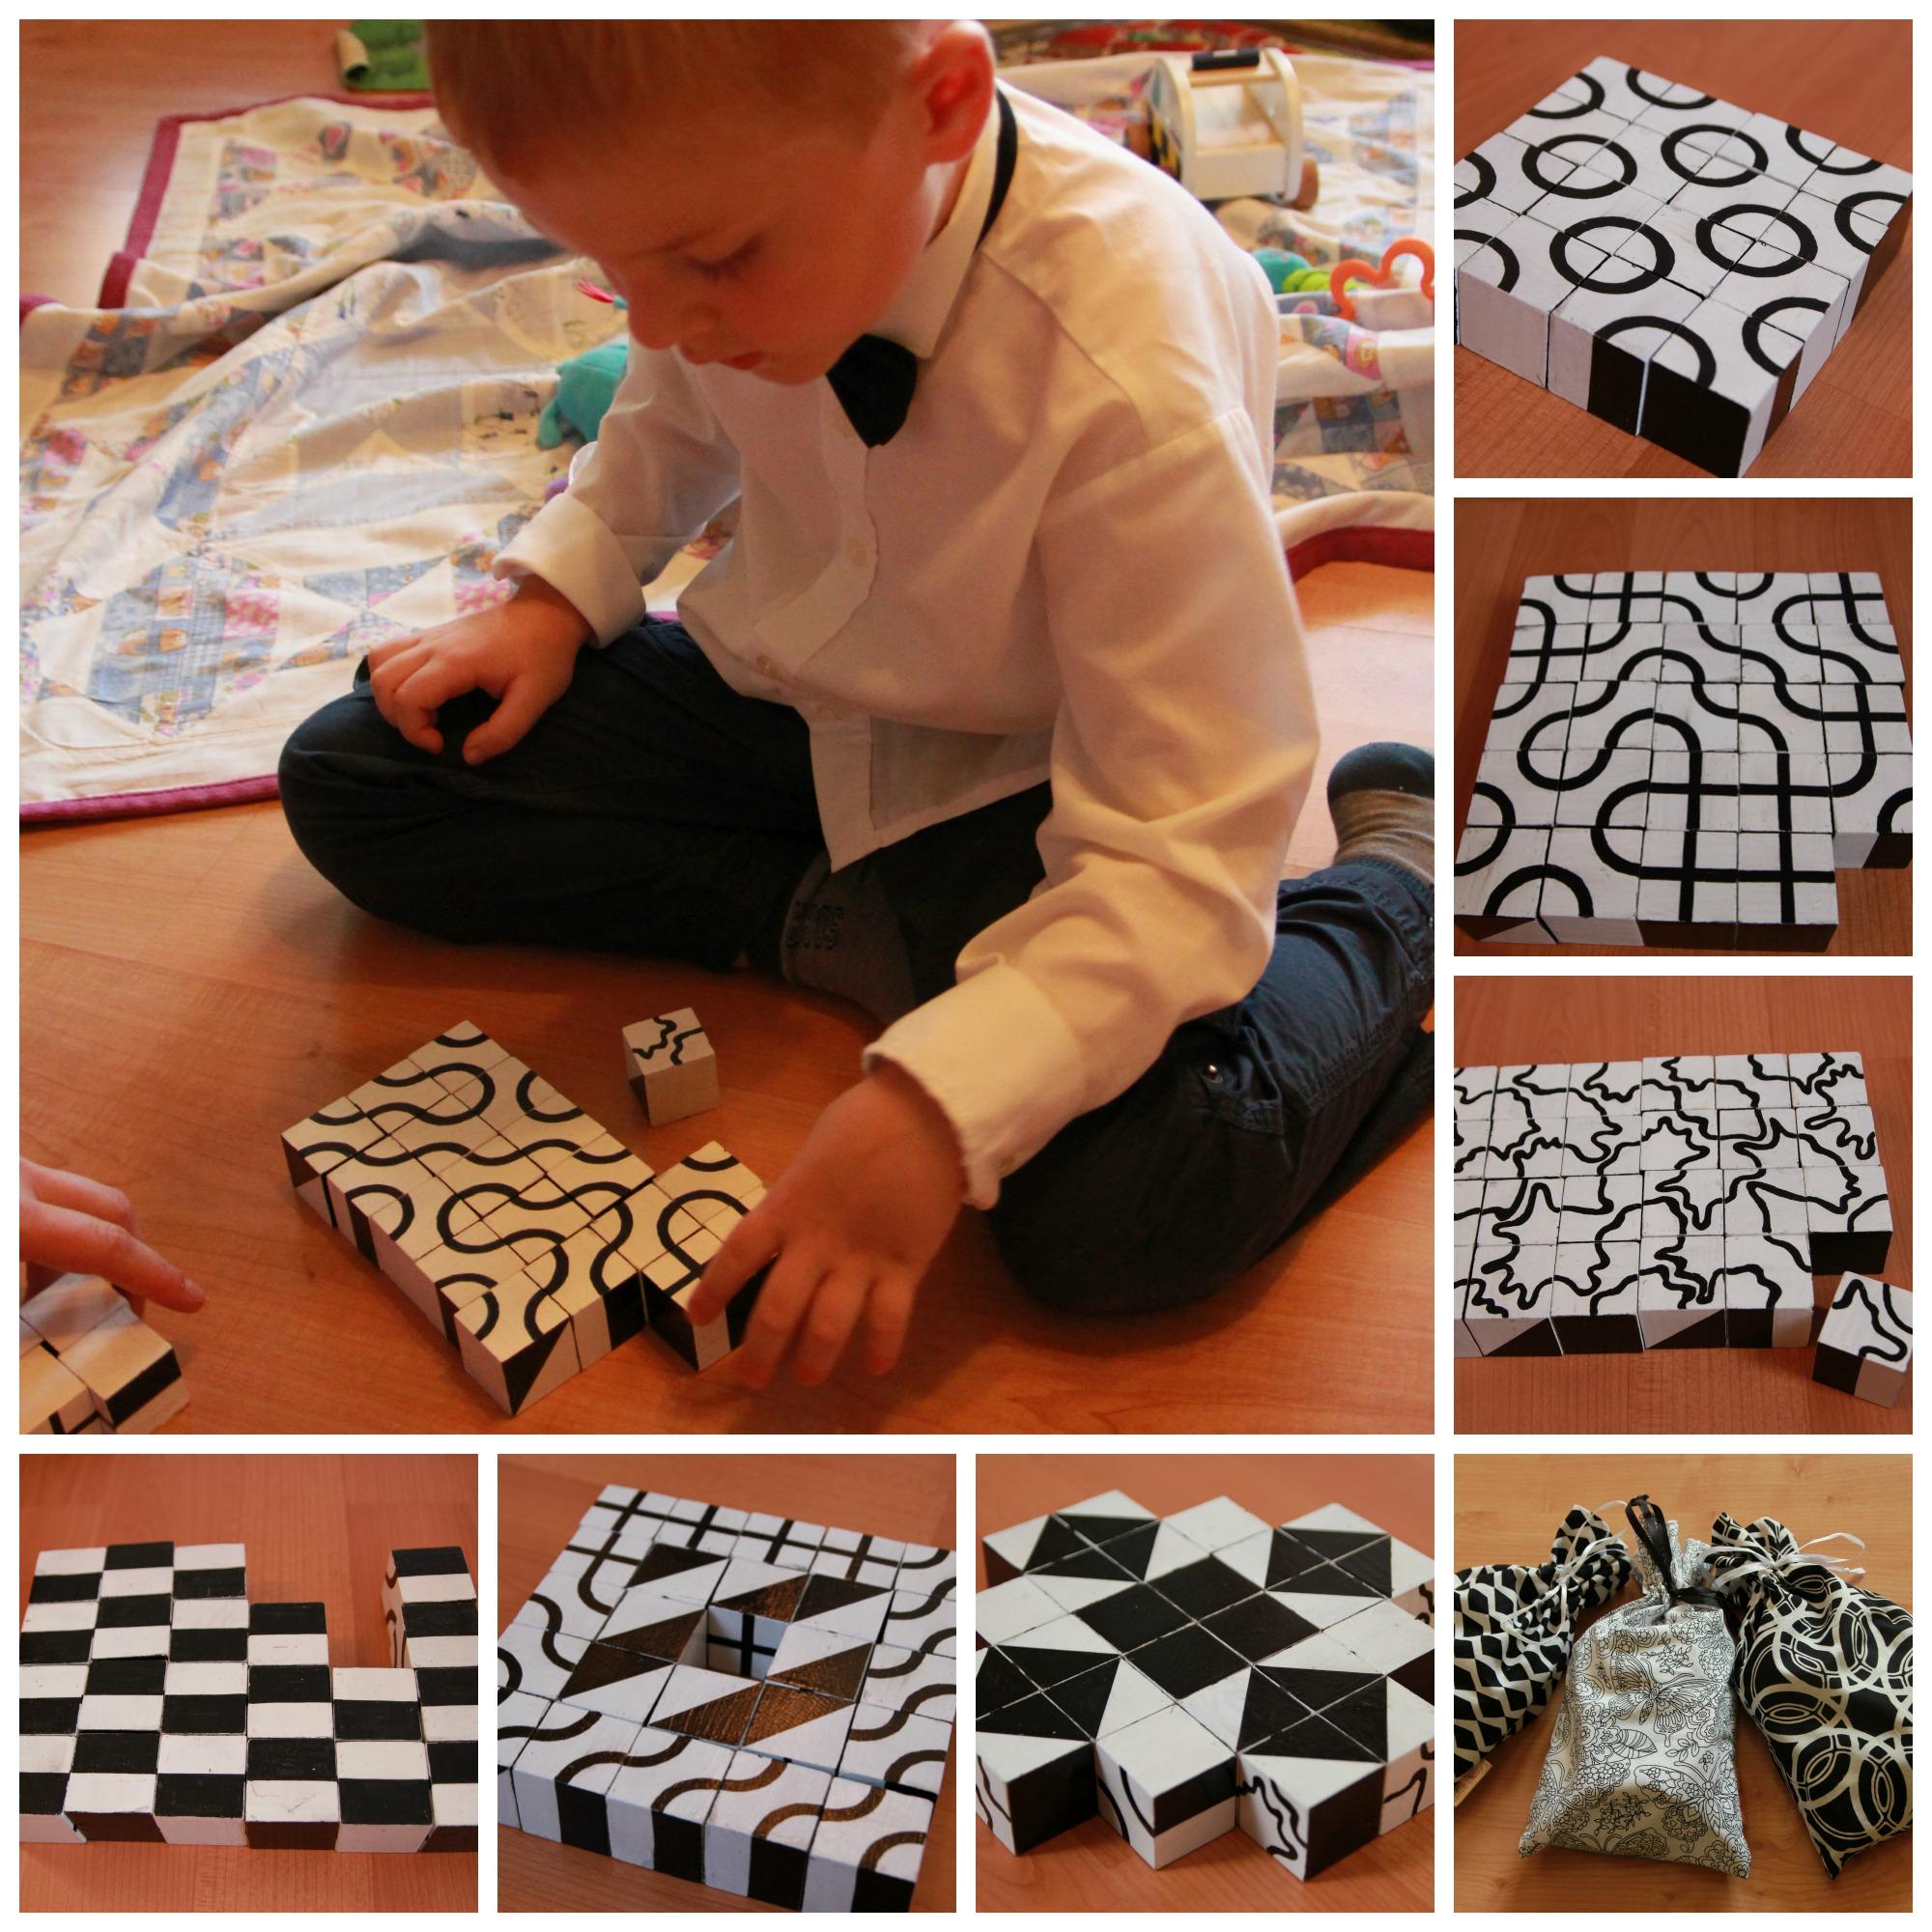 hravá geometrie v praxi! 24 kostek, ze kterých postavíte až 9 milionů kombinací.